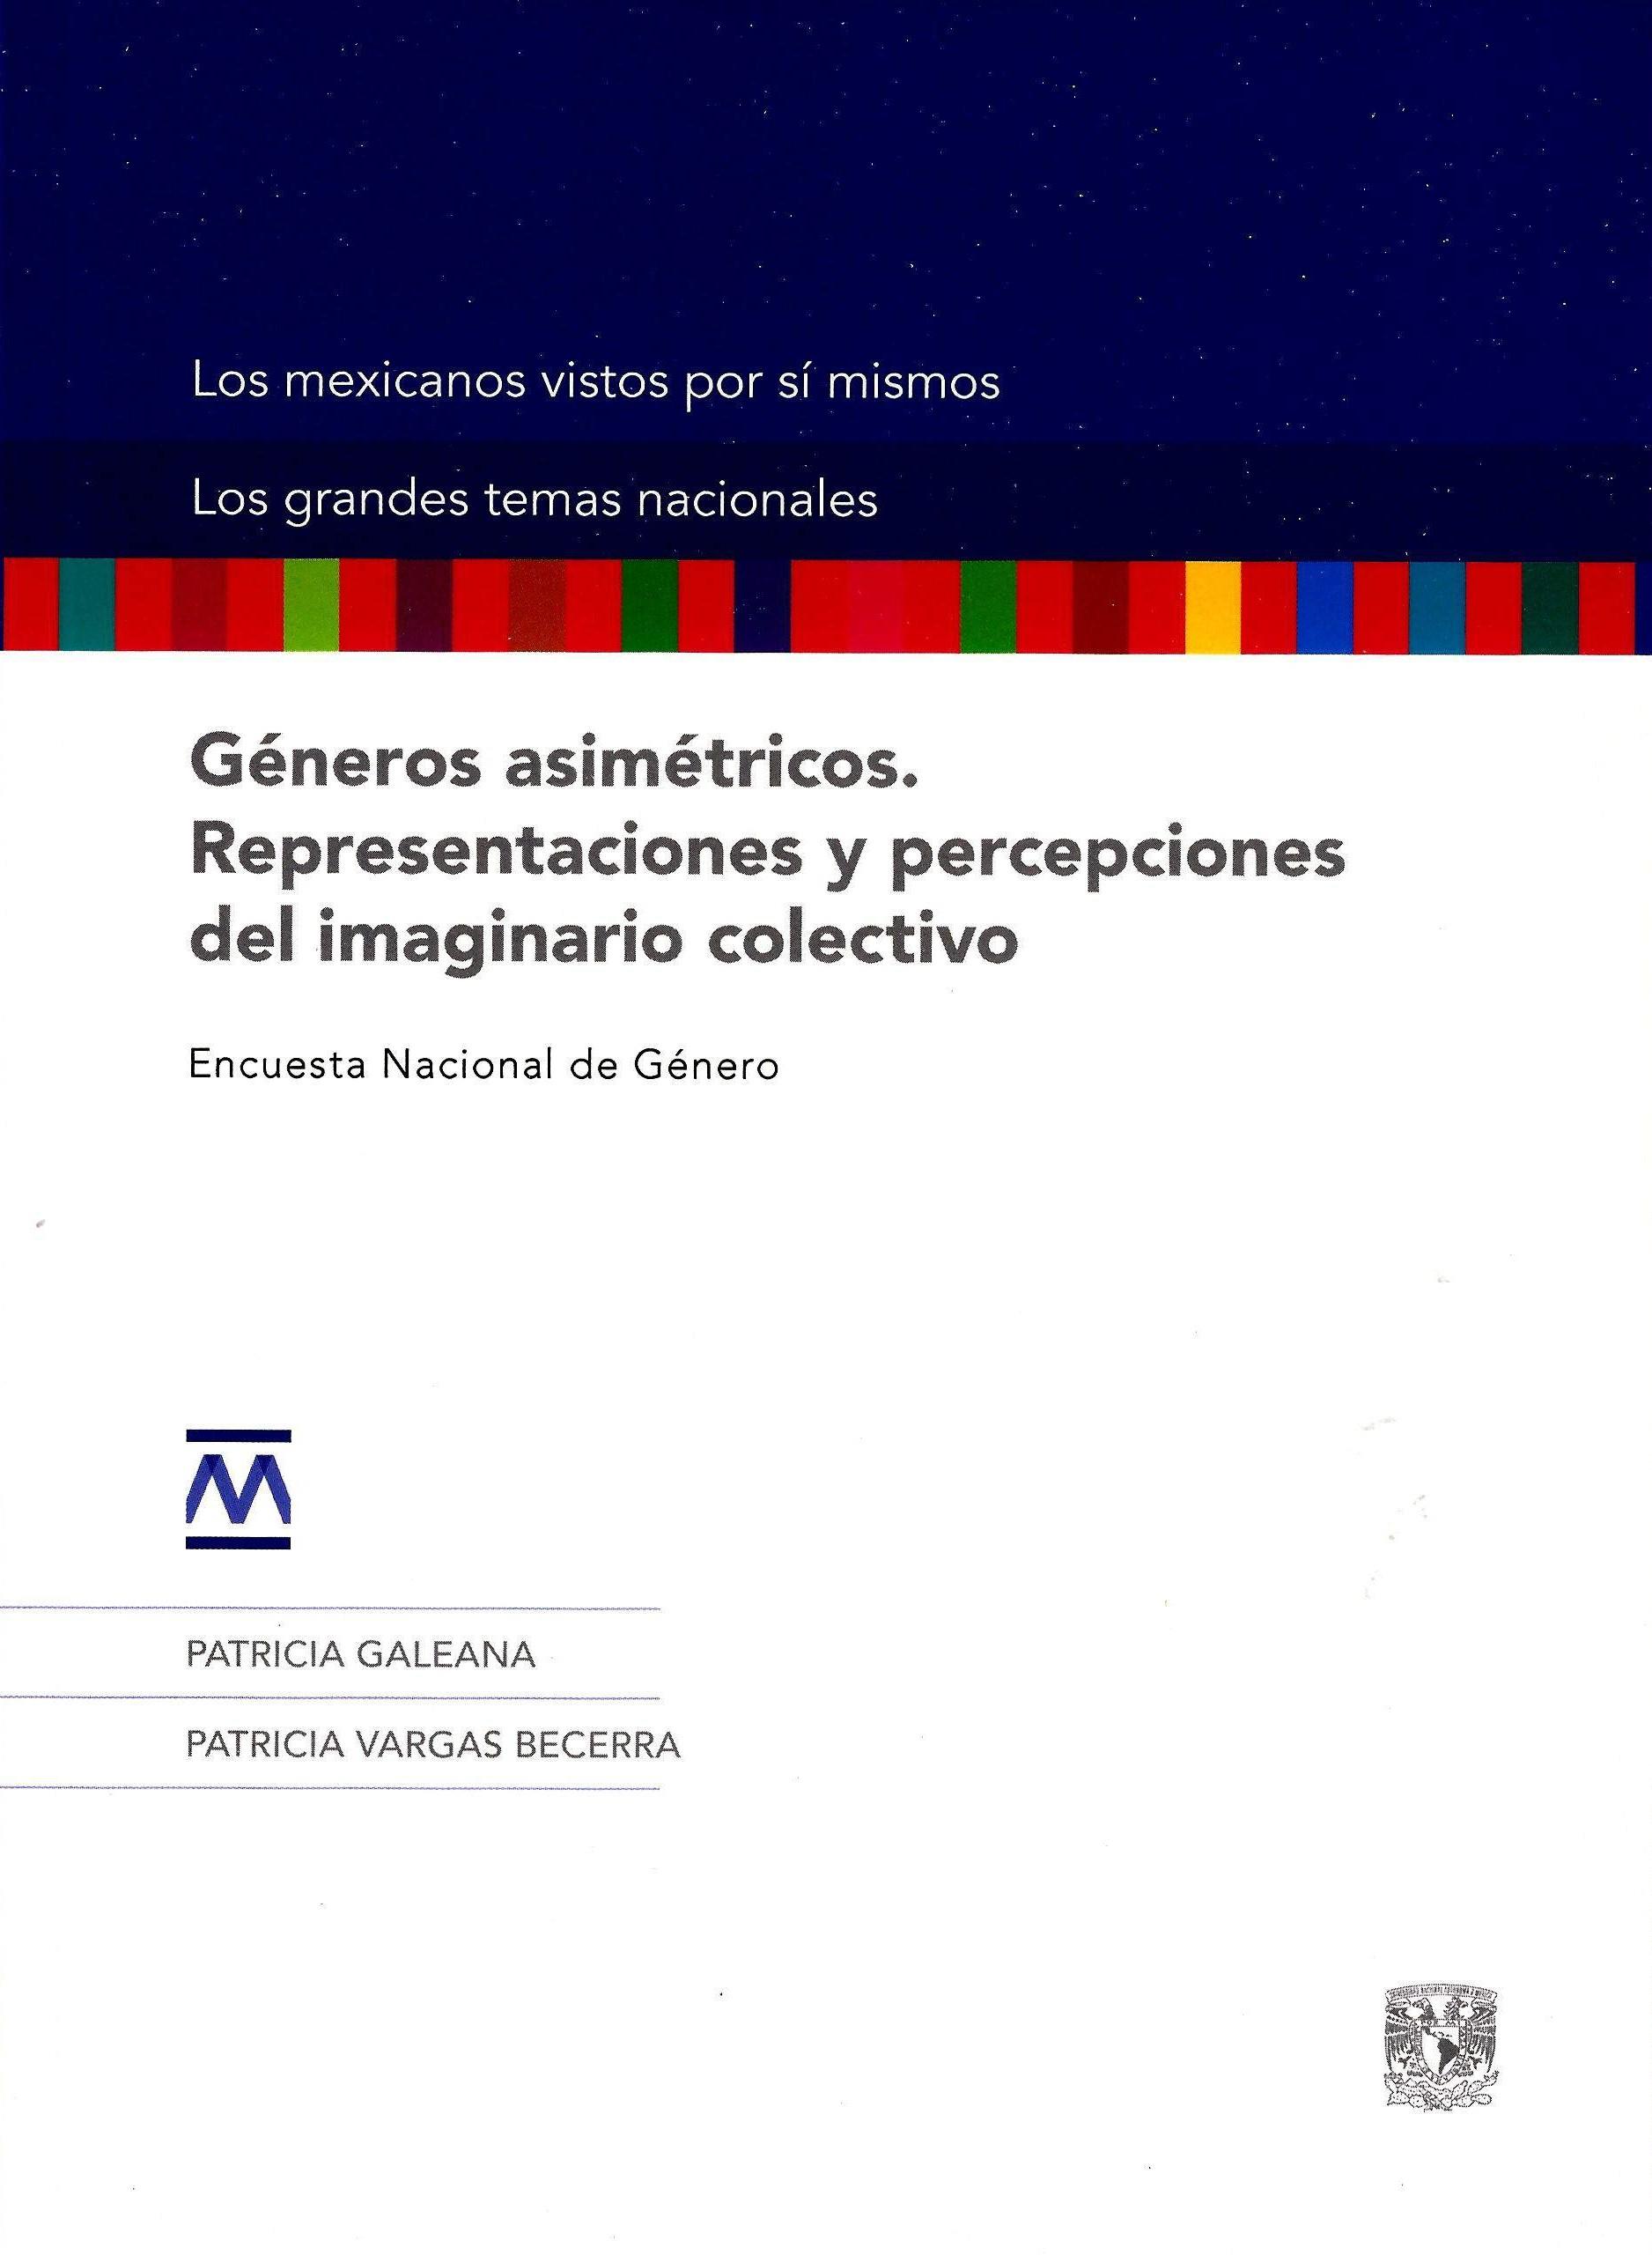 Géneros asimétricos. Representaciones y percepciones del imaginario colectivo Géneros asimétricos. Representaciones y percepciones del imaginario colectivo. Encuesta Nacional de Género